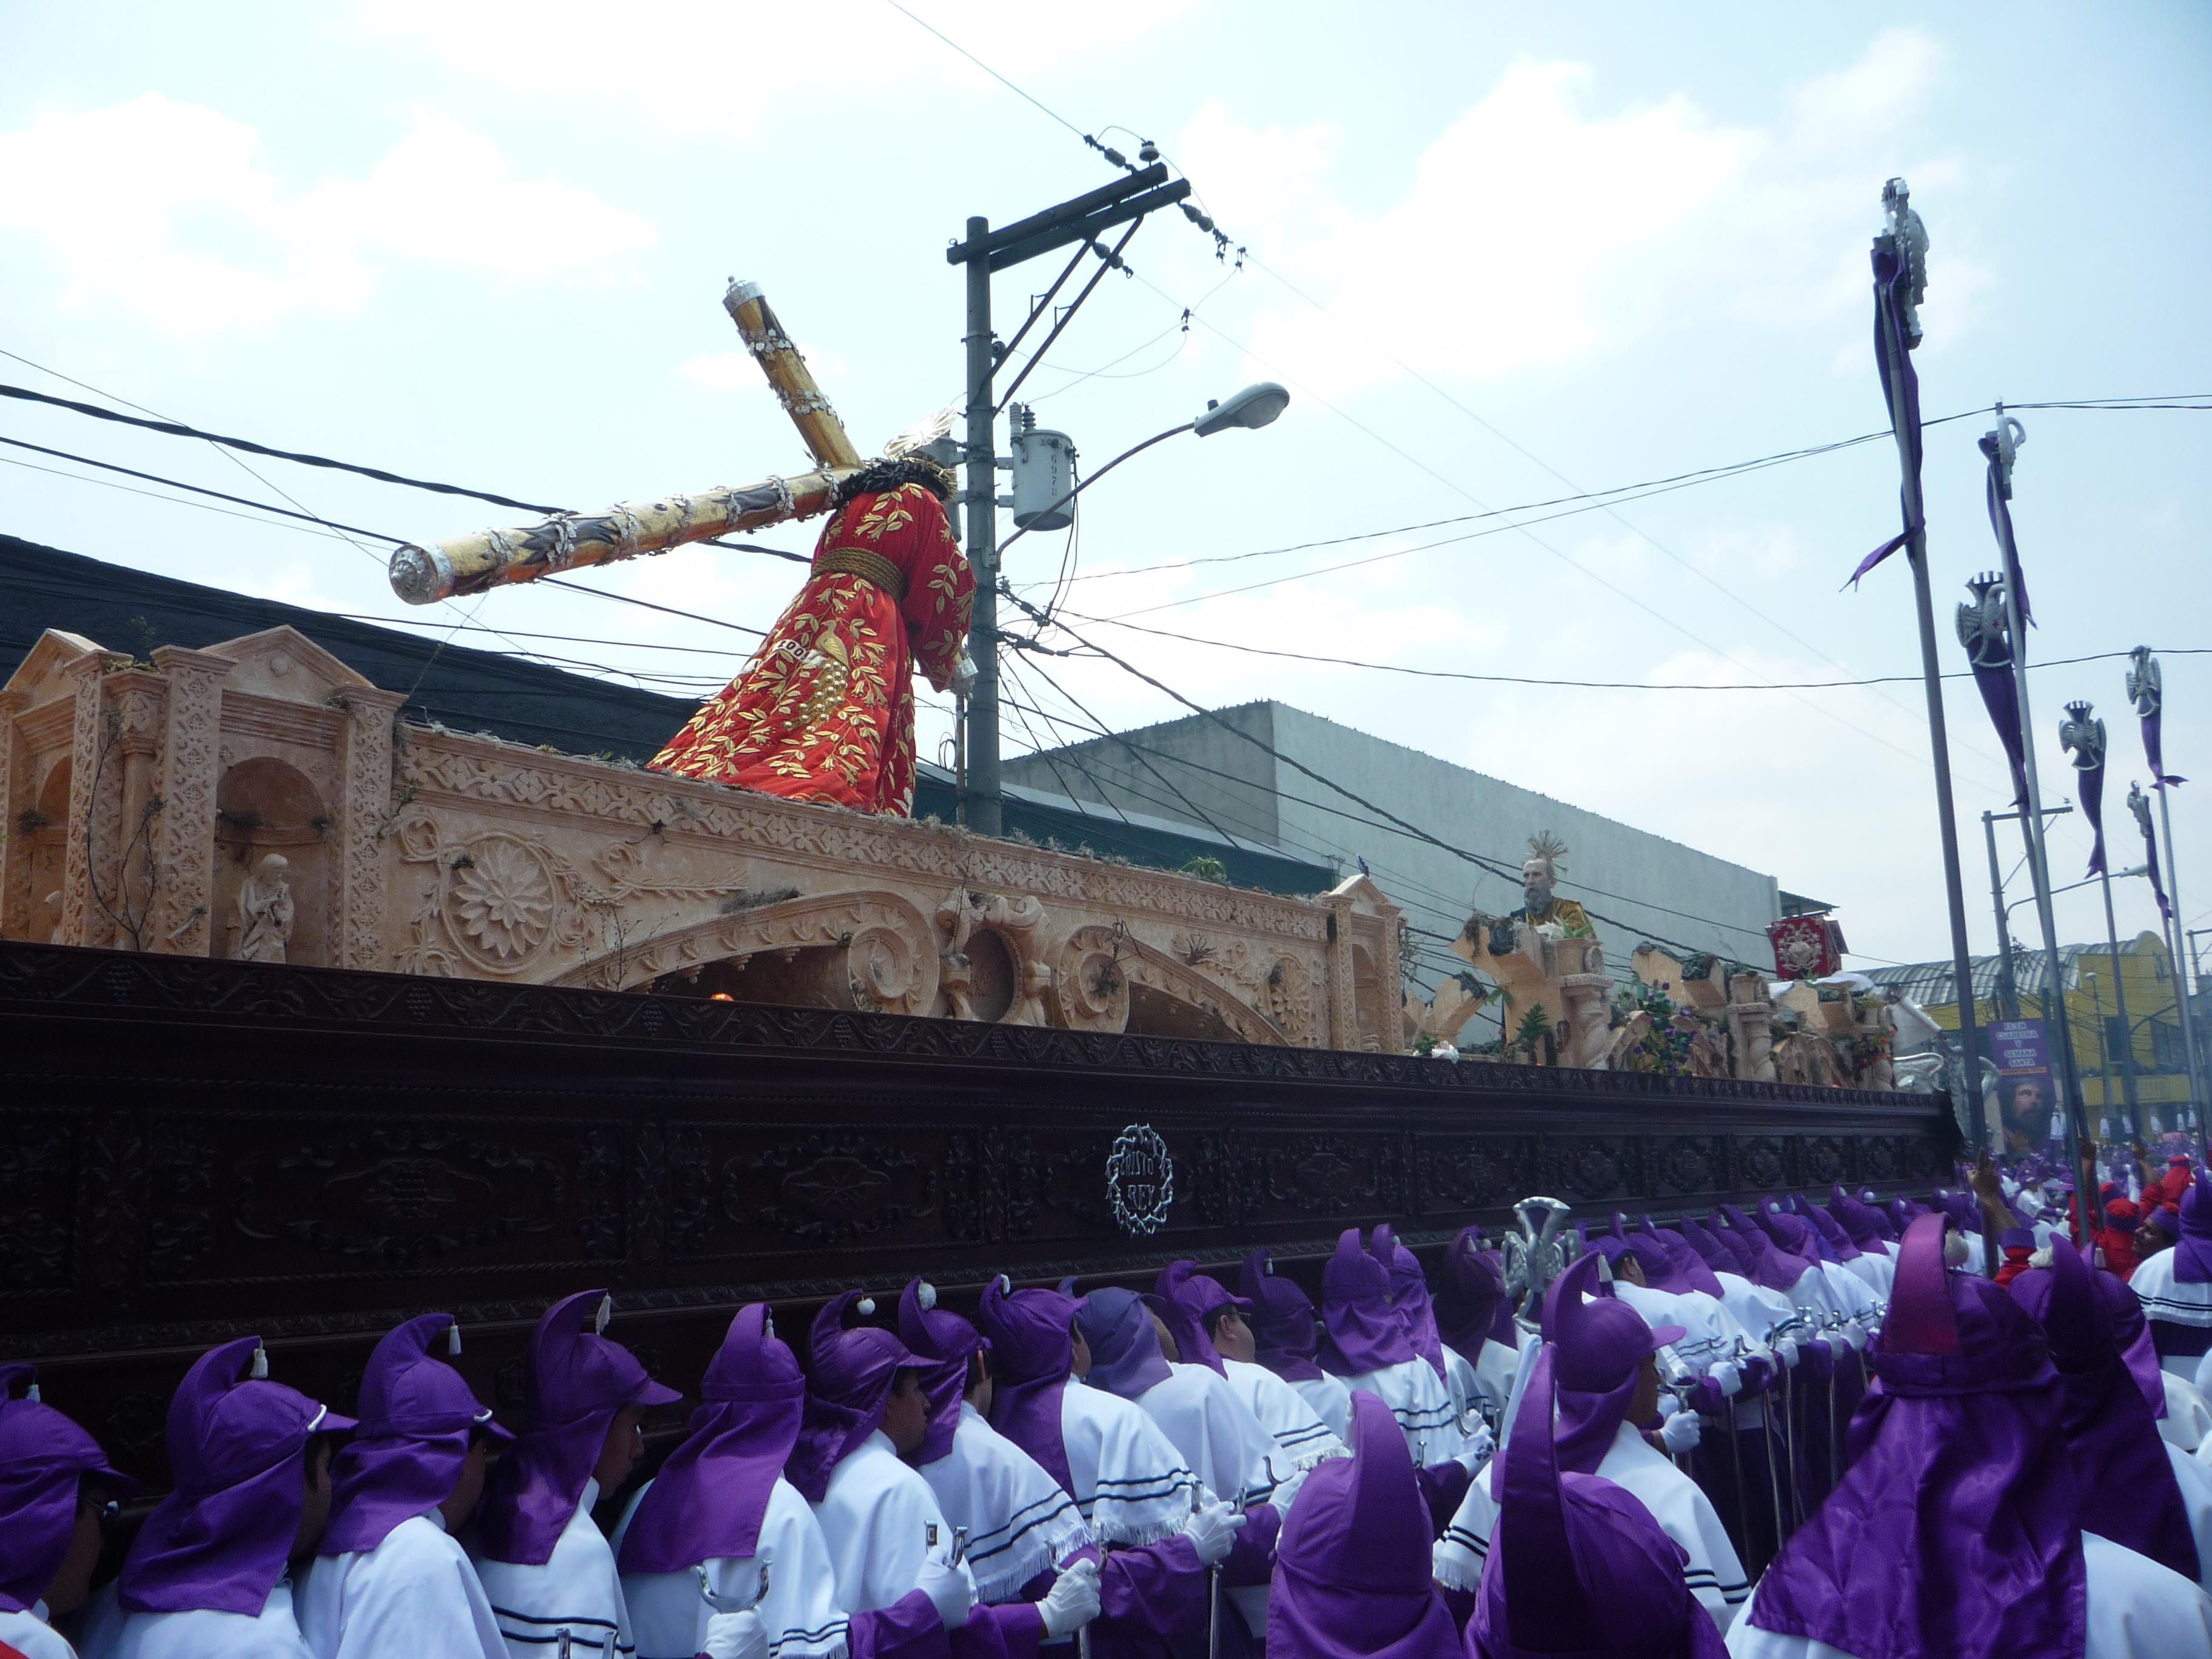 Jesus de Candelaria en 2007. Fotografía de Sergio Monzón (tomada de Wikimedia Commons)